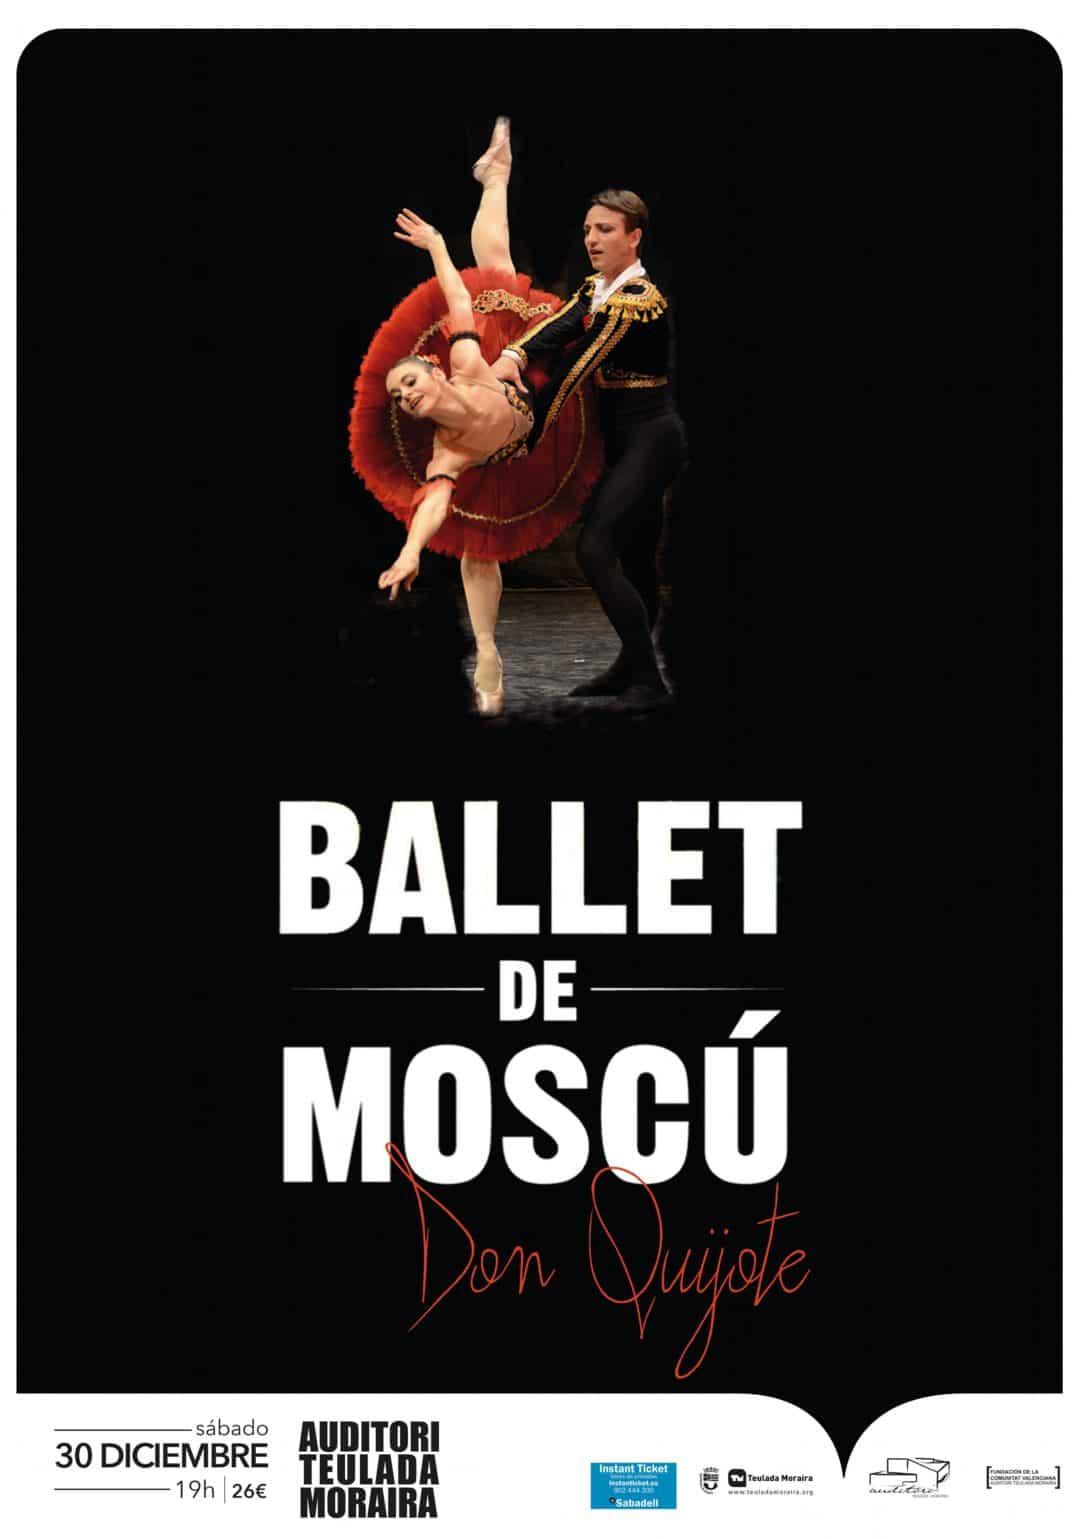 Reserva tus entradas para el Ballet de Moscú